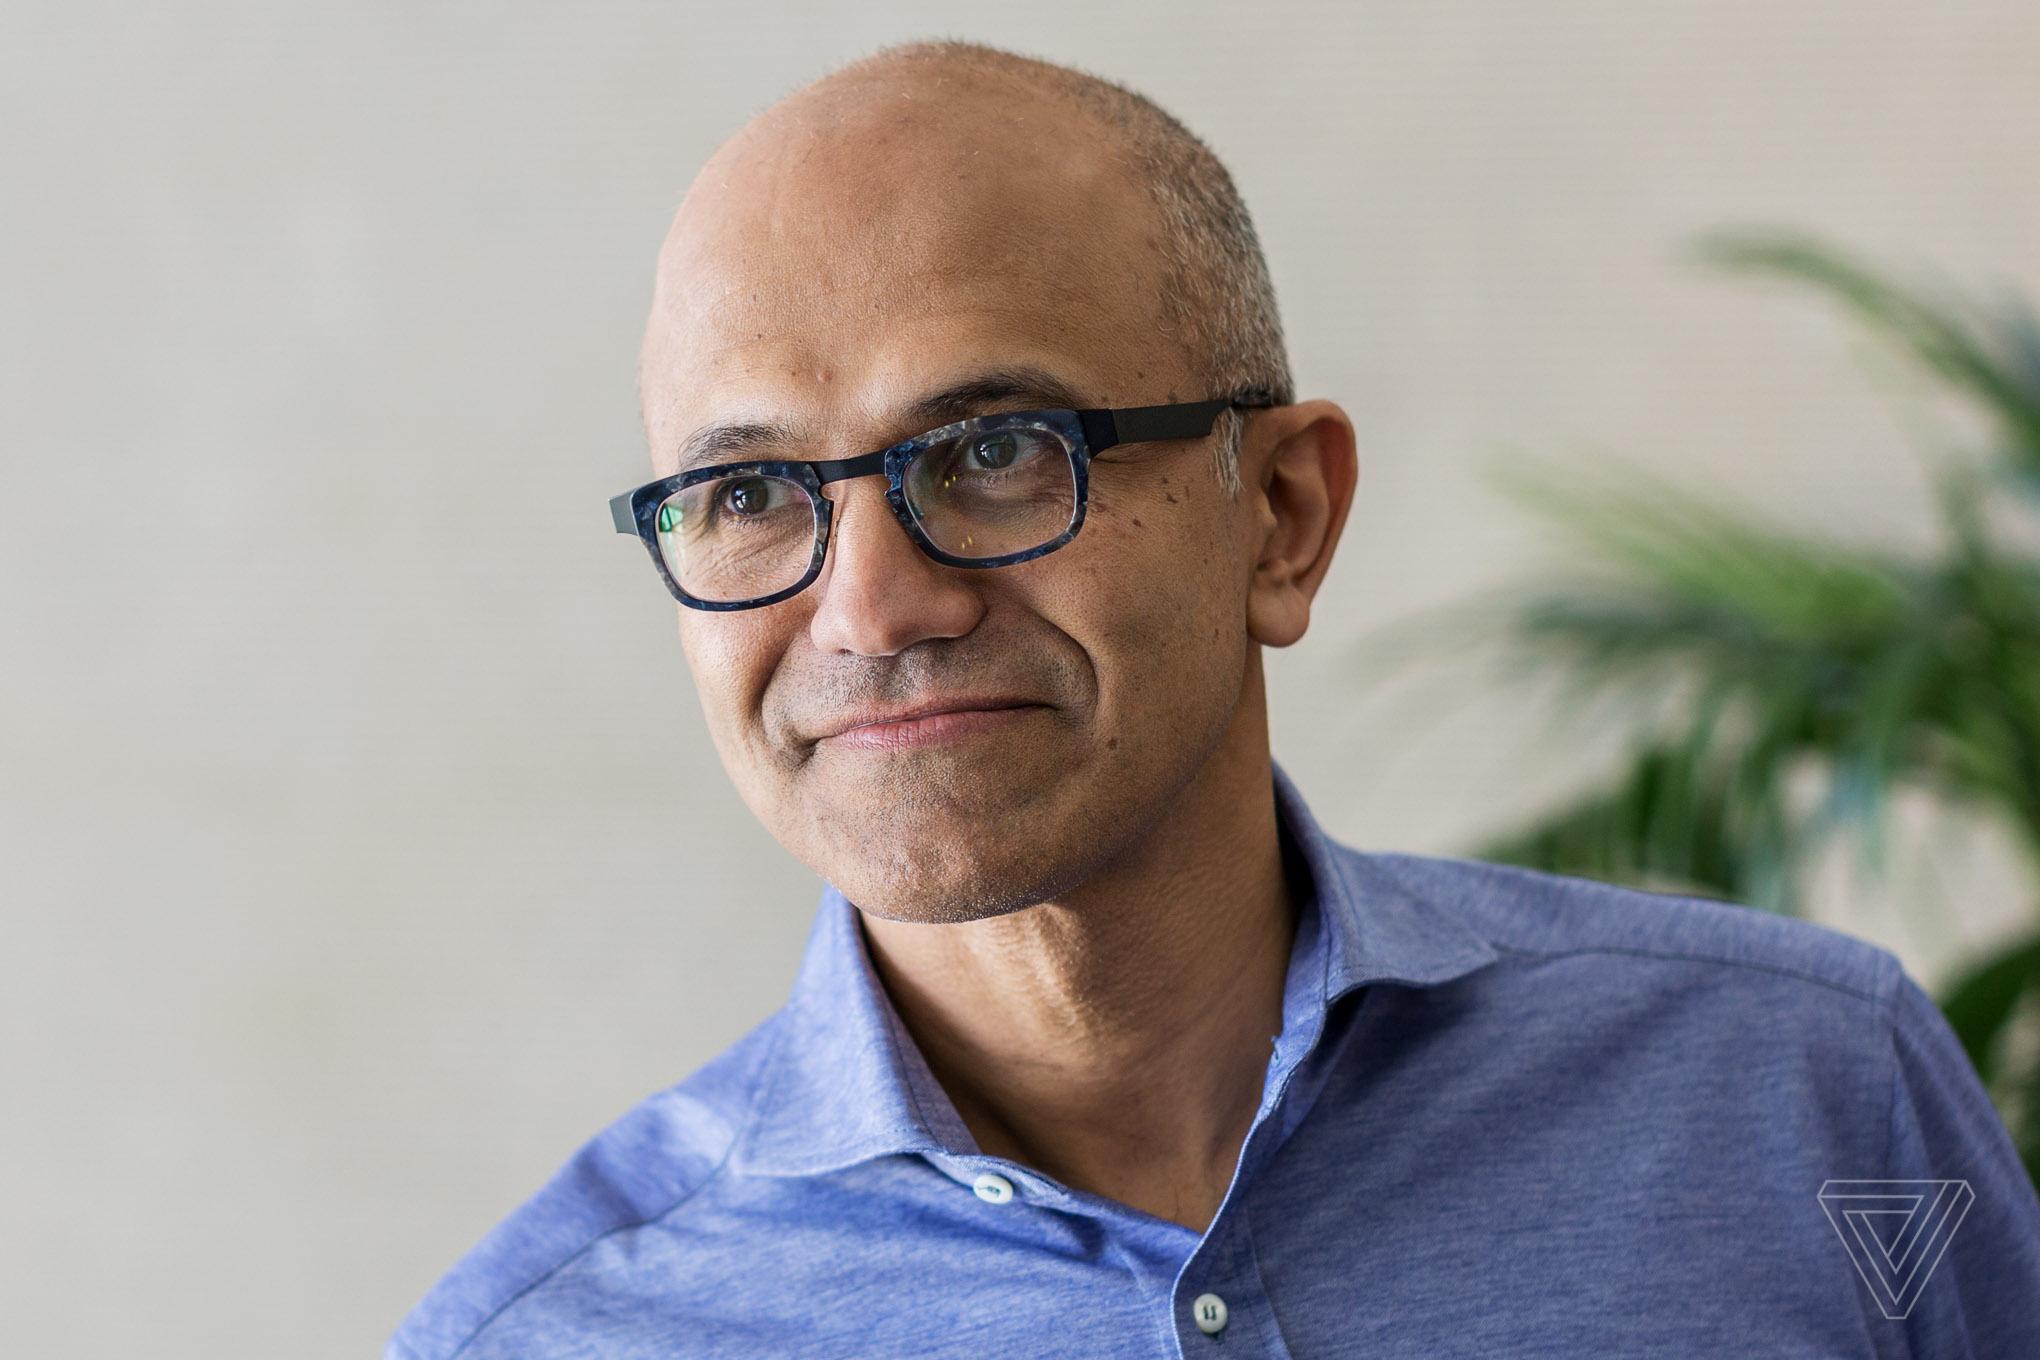 Генеральный директор Microsoft Сатья Наделла теперь одновременно занимает пост председателя совета директоров компании - ITC.ua